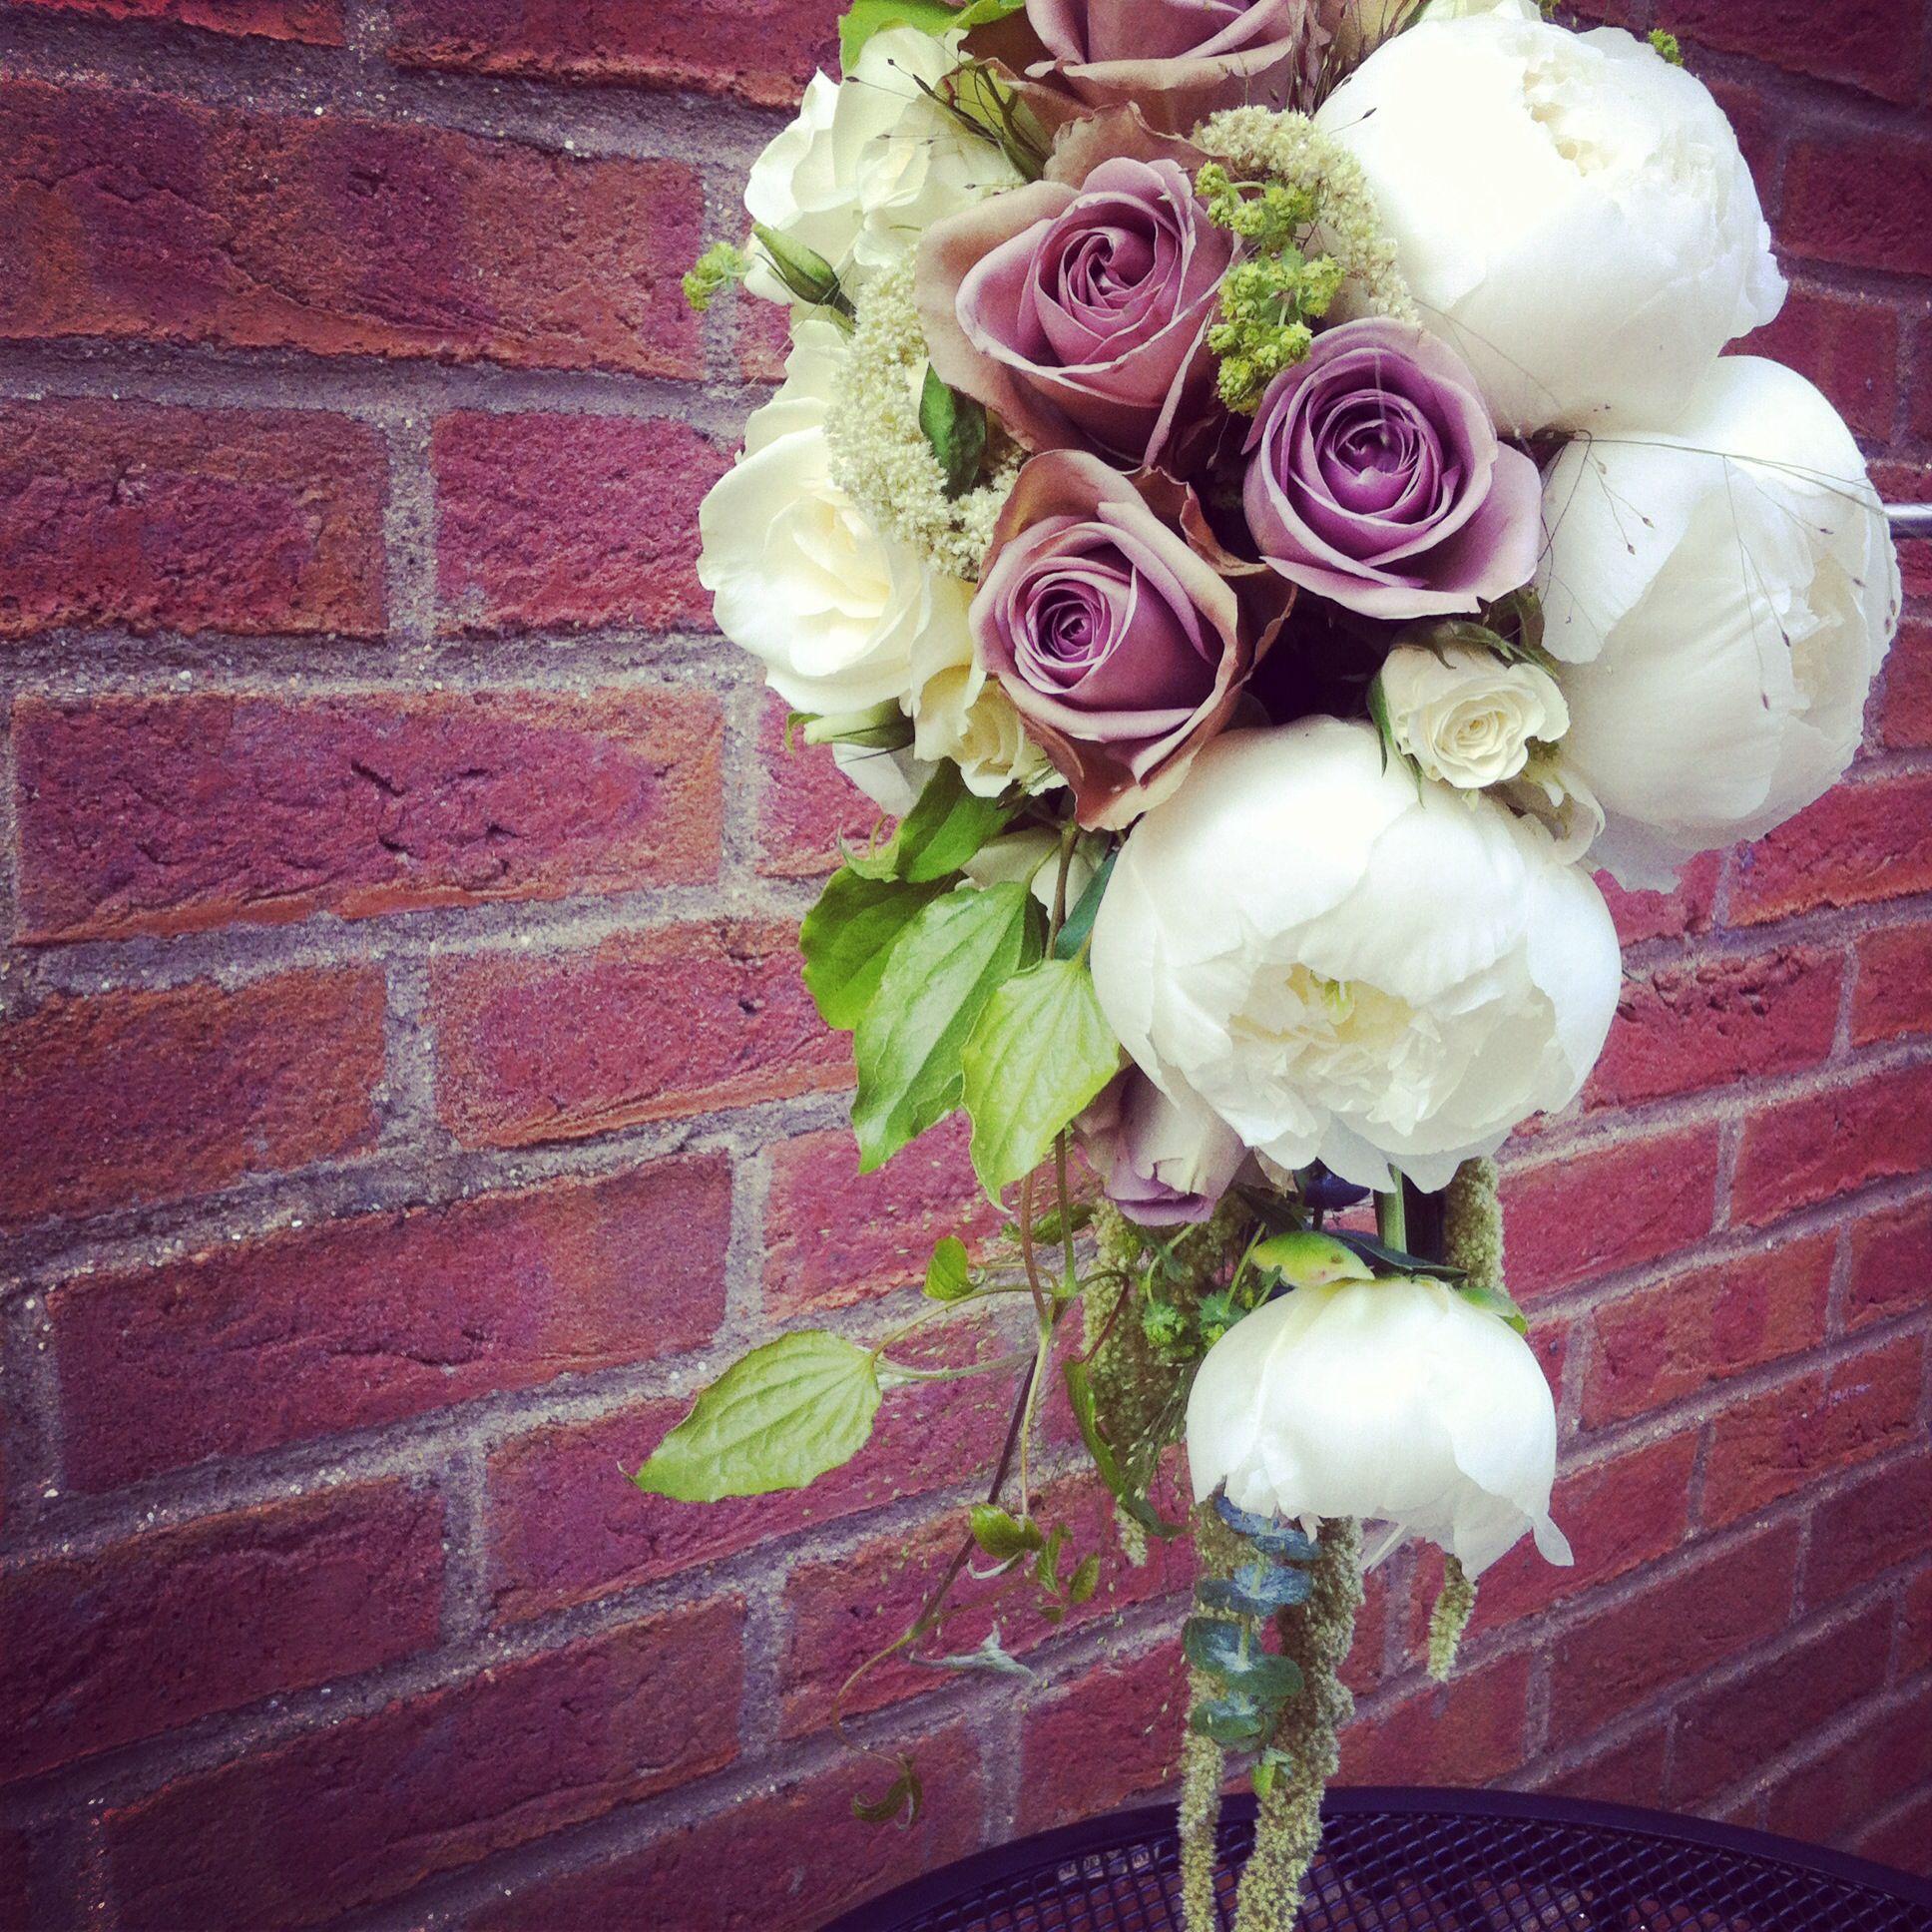 Amnesia rose & peonies bouquet